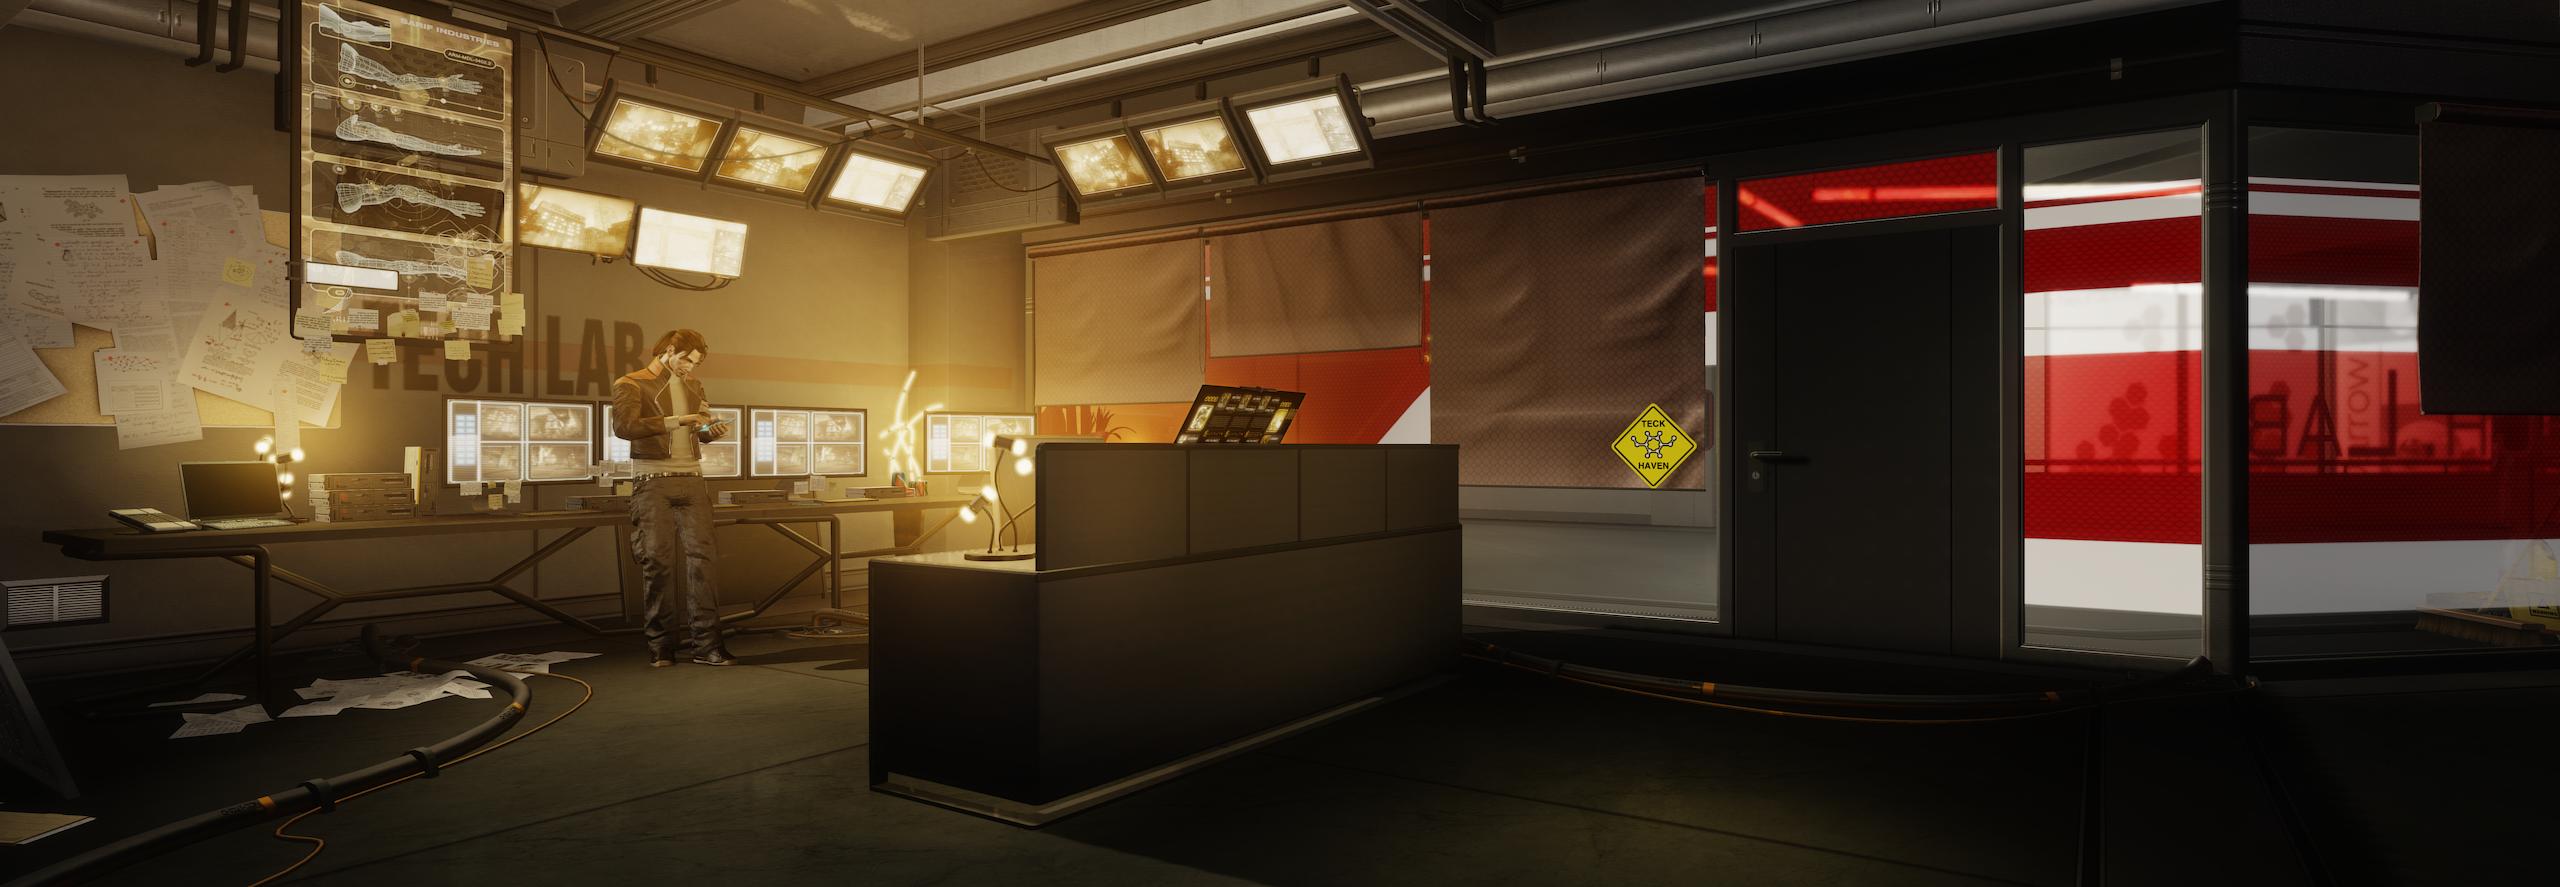 capeconnection.png - Deus Ex: Human Revolution